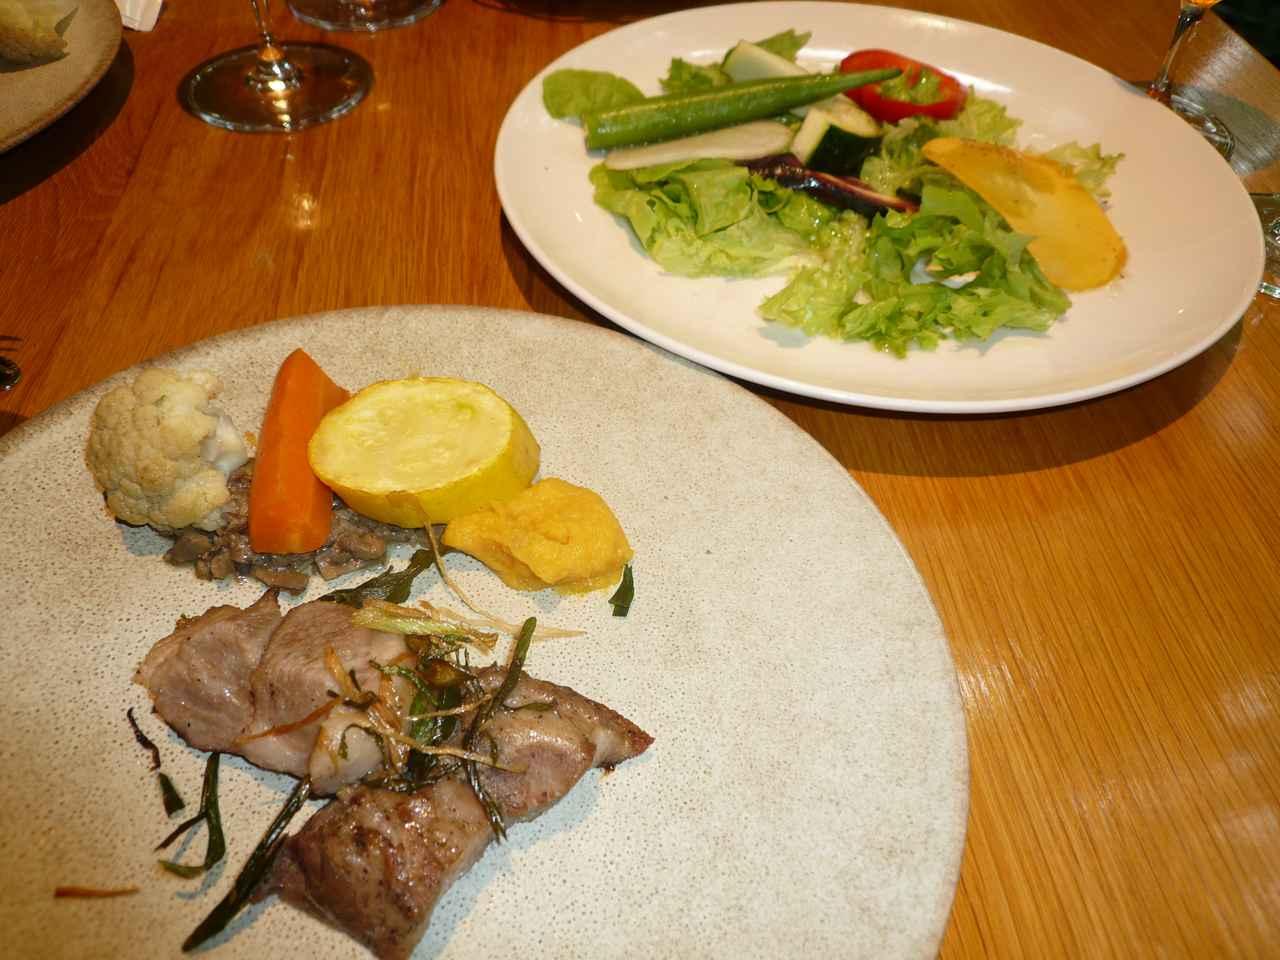 画像: メイン料理のポークのソテーと高原野菜のサラダ